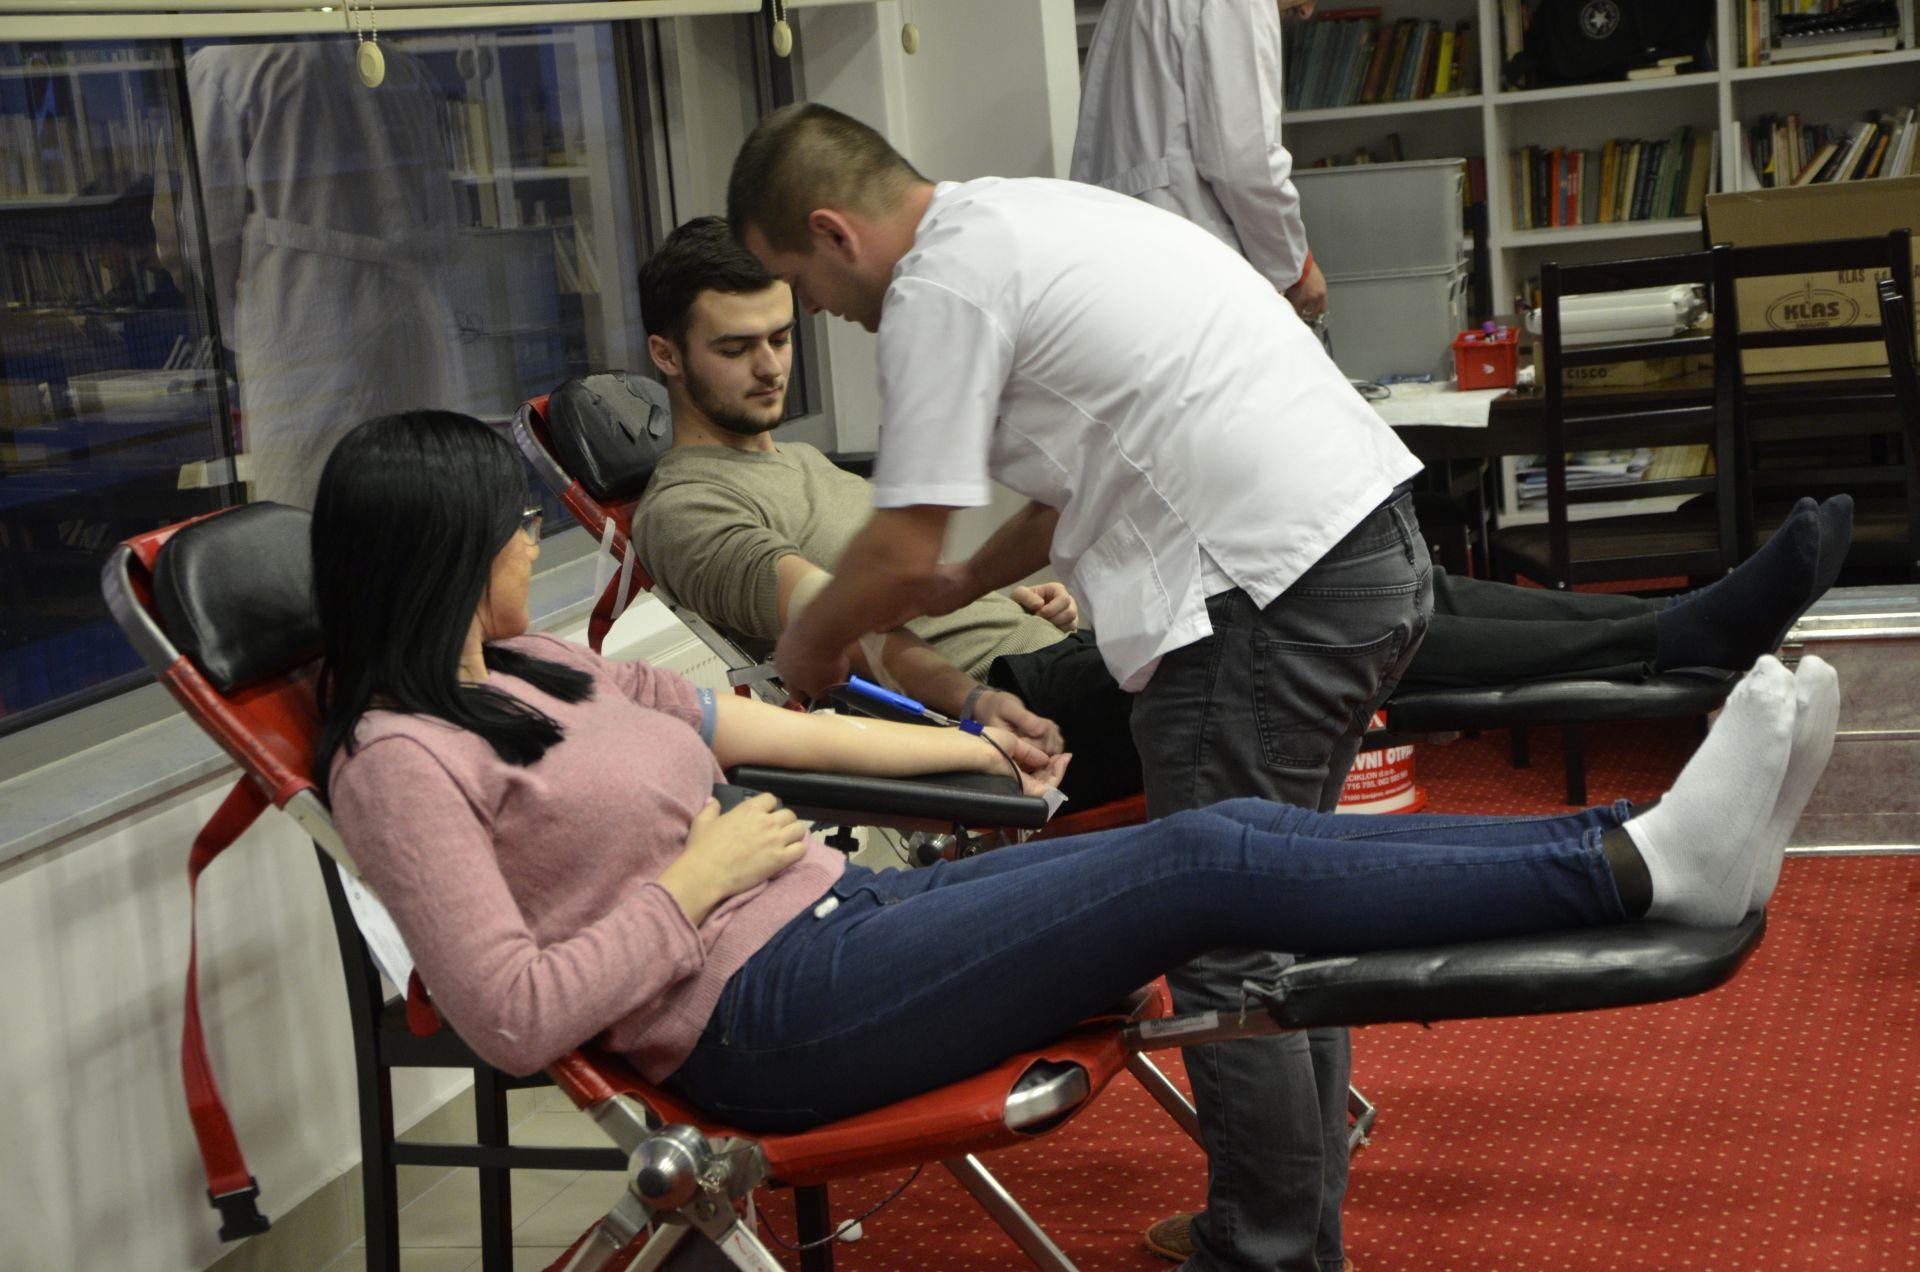 Darivanje krvi dec 2017 Fondacija Izvor nade a